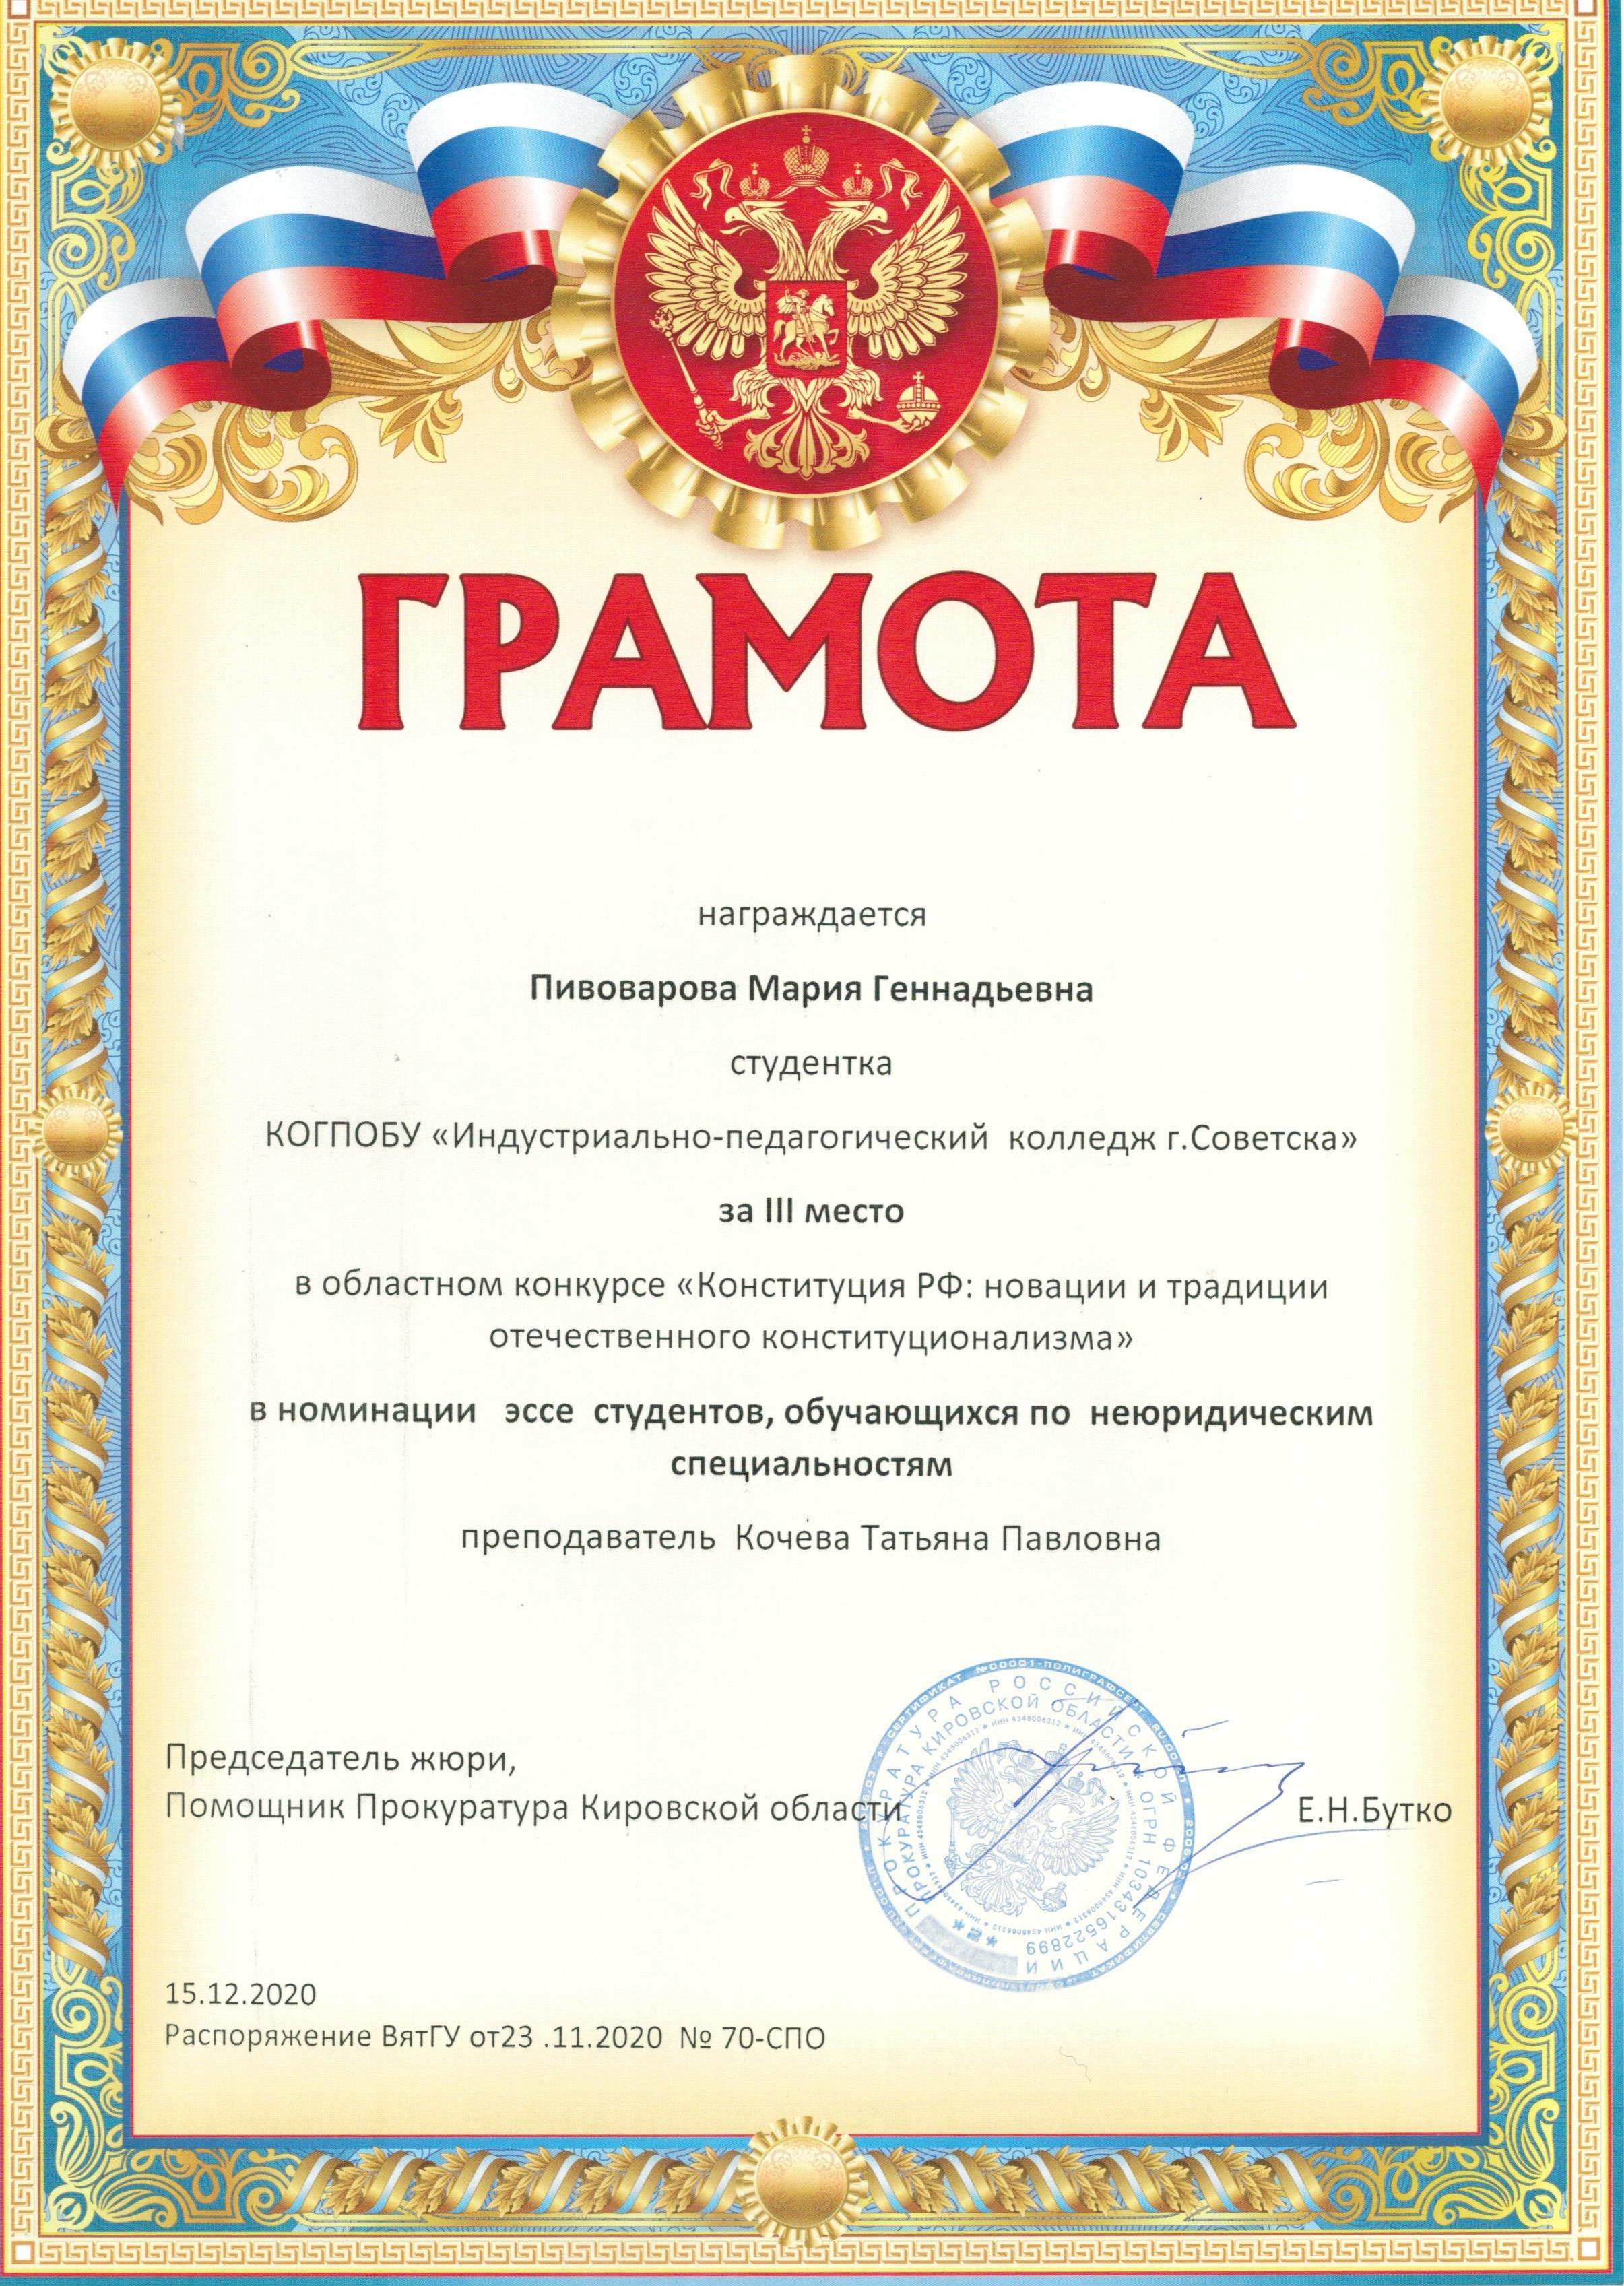 эссе Пивоварова